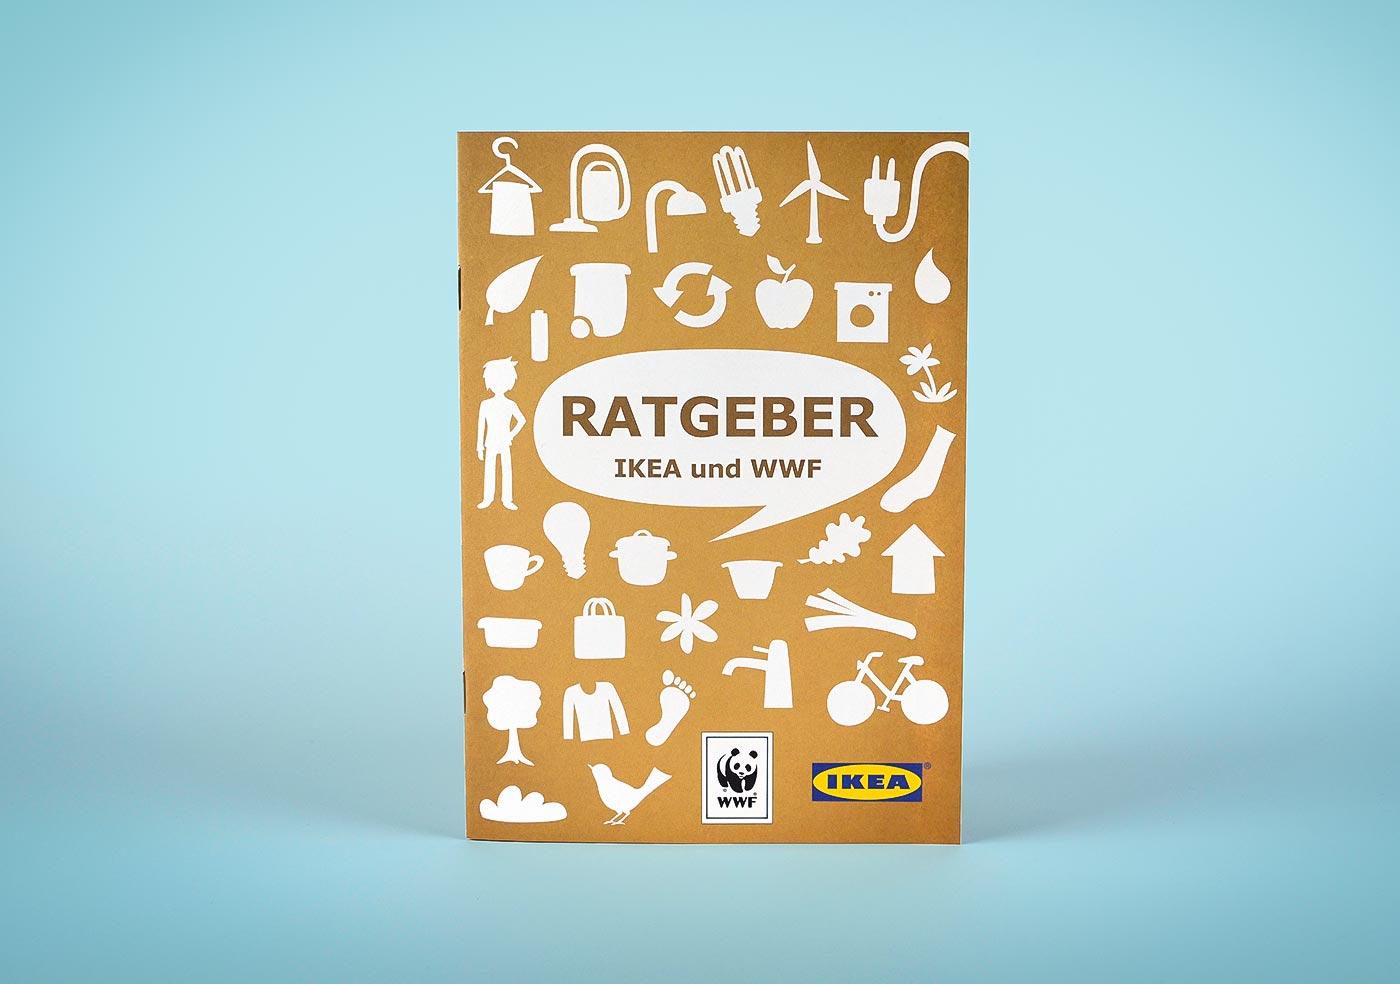 Nachhaltigkeits-Ratgeber für IKEA und WWF